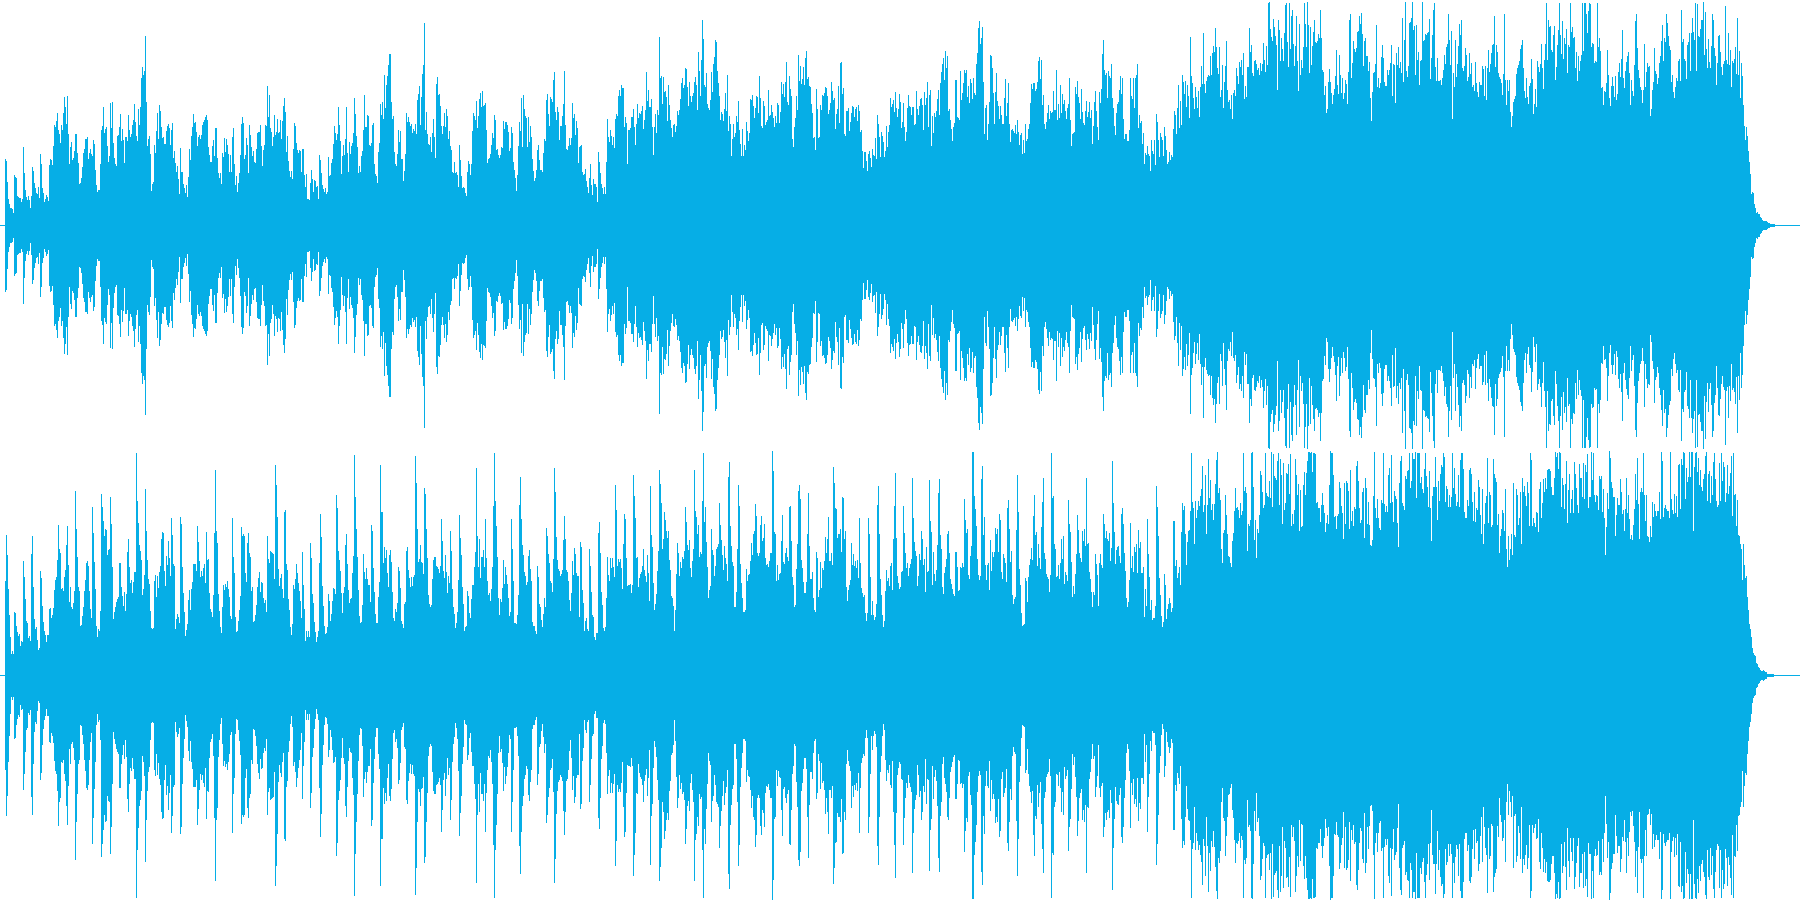 二胡の音が琴線に触れ哀感や郷愁をそそる曲の再生済みの波形